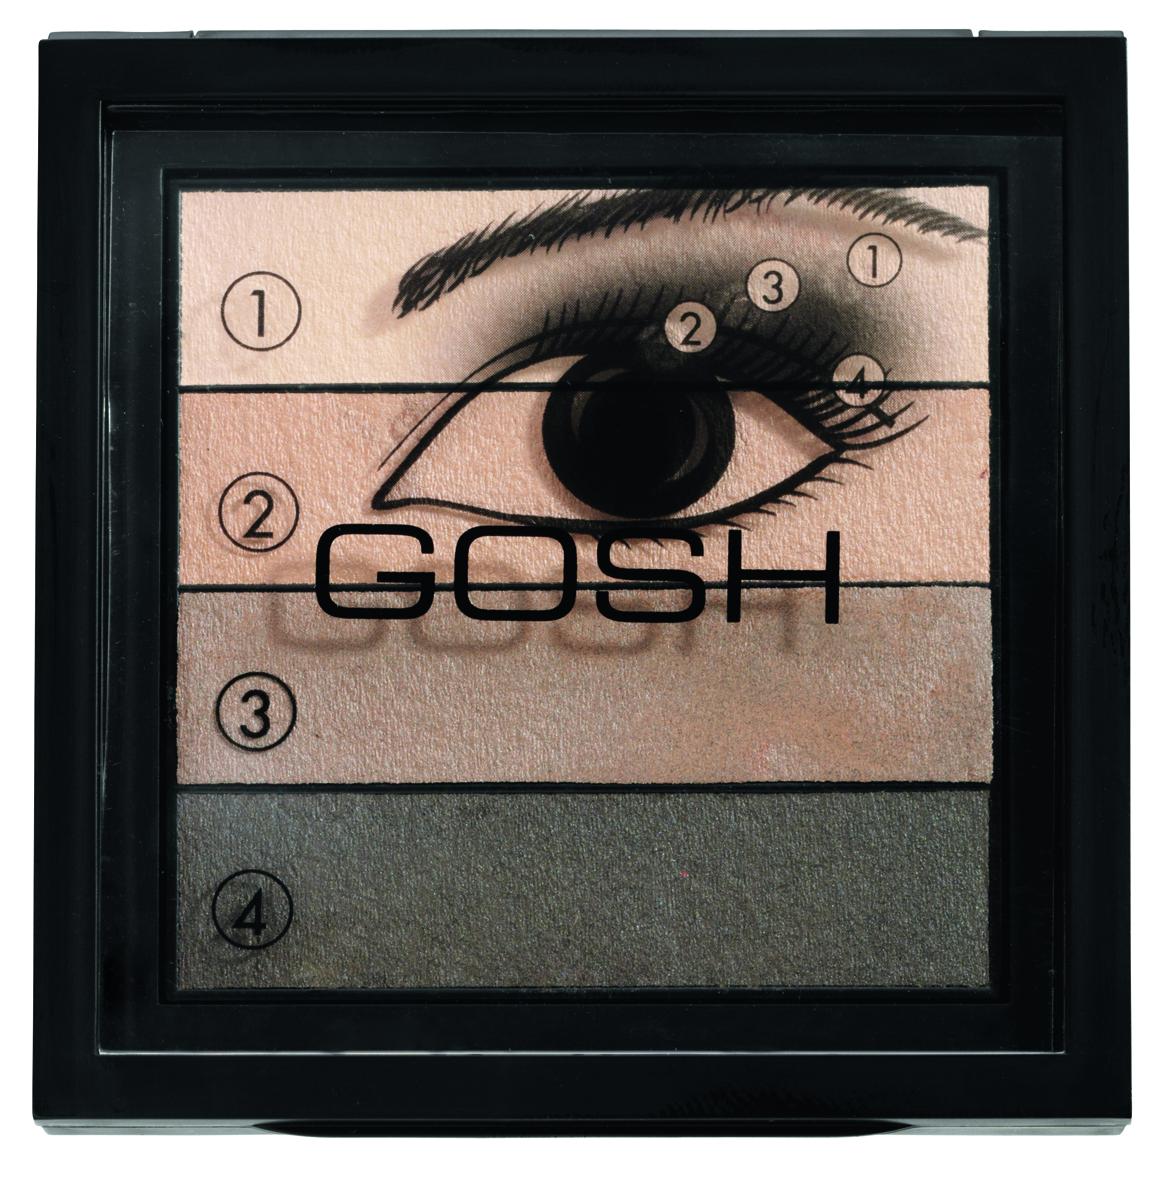 Gosh, Палетка теней для век Smokey, 8 г, 02710549Четыре великолепных, гармоничных оттенка, собранные в тени Smokey Eyes! На сегодняшний день макияж Smokey Eyes является самым трендовым макияжем в мире красоты. С новой палеткой от Gosh каждая девушка сможет воплотить в реальность мечту и создать ультрамодный макияж без помощи специалиста. Для удобства к теням прилагается табличка по нанесению оттенков, что позволяет самостоятельно получить профессиональный результат. Насыщенные цветовые пигменты и очень мягкая текстура обеспечивают устойчивый макияж в течение всего дня.